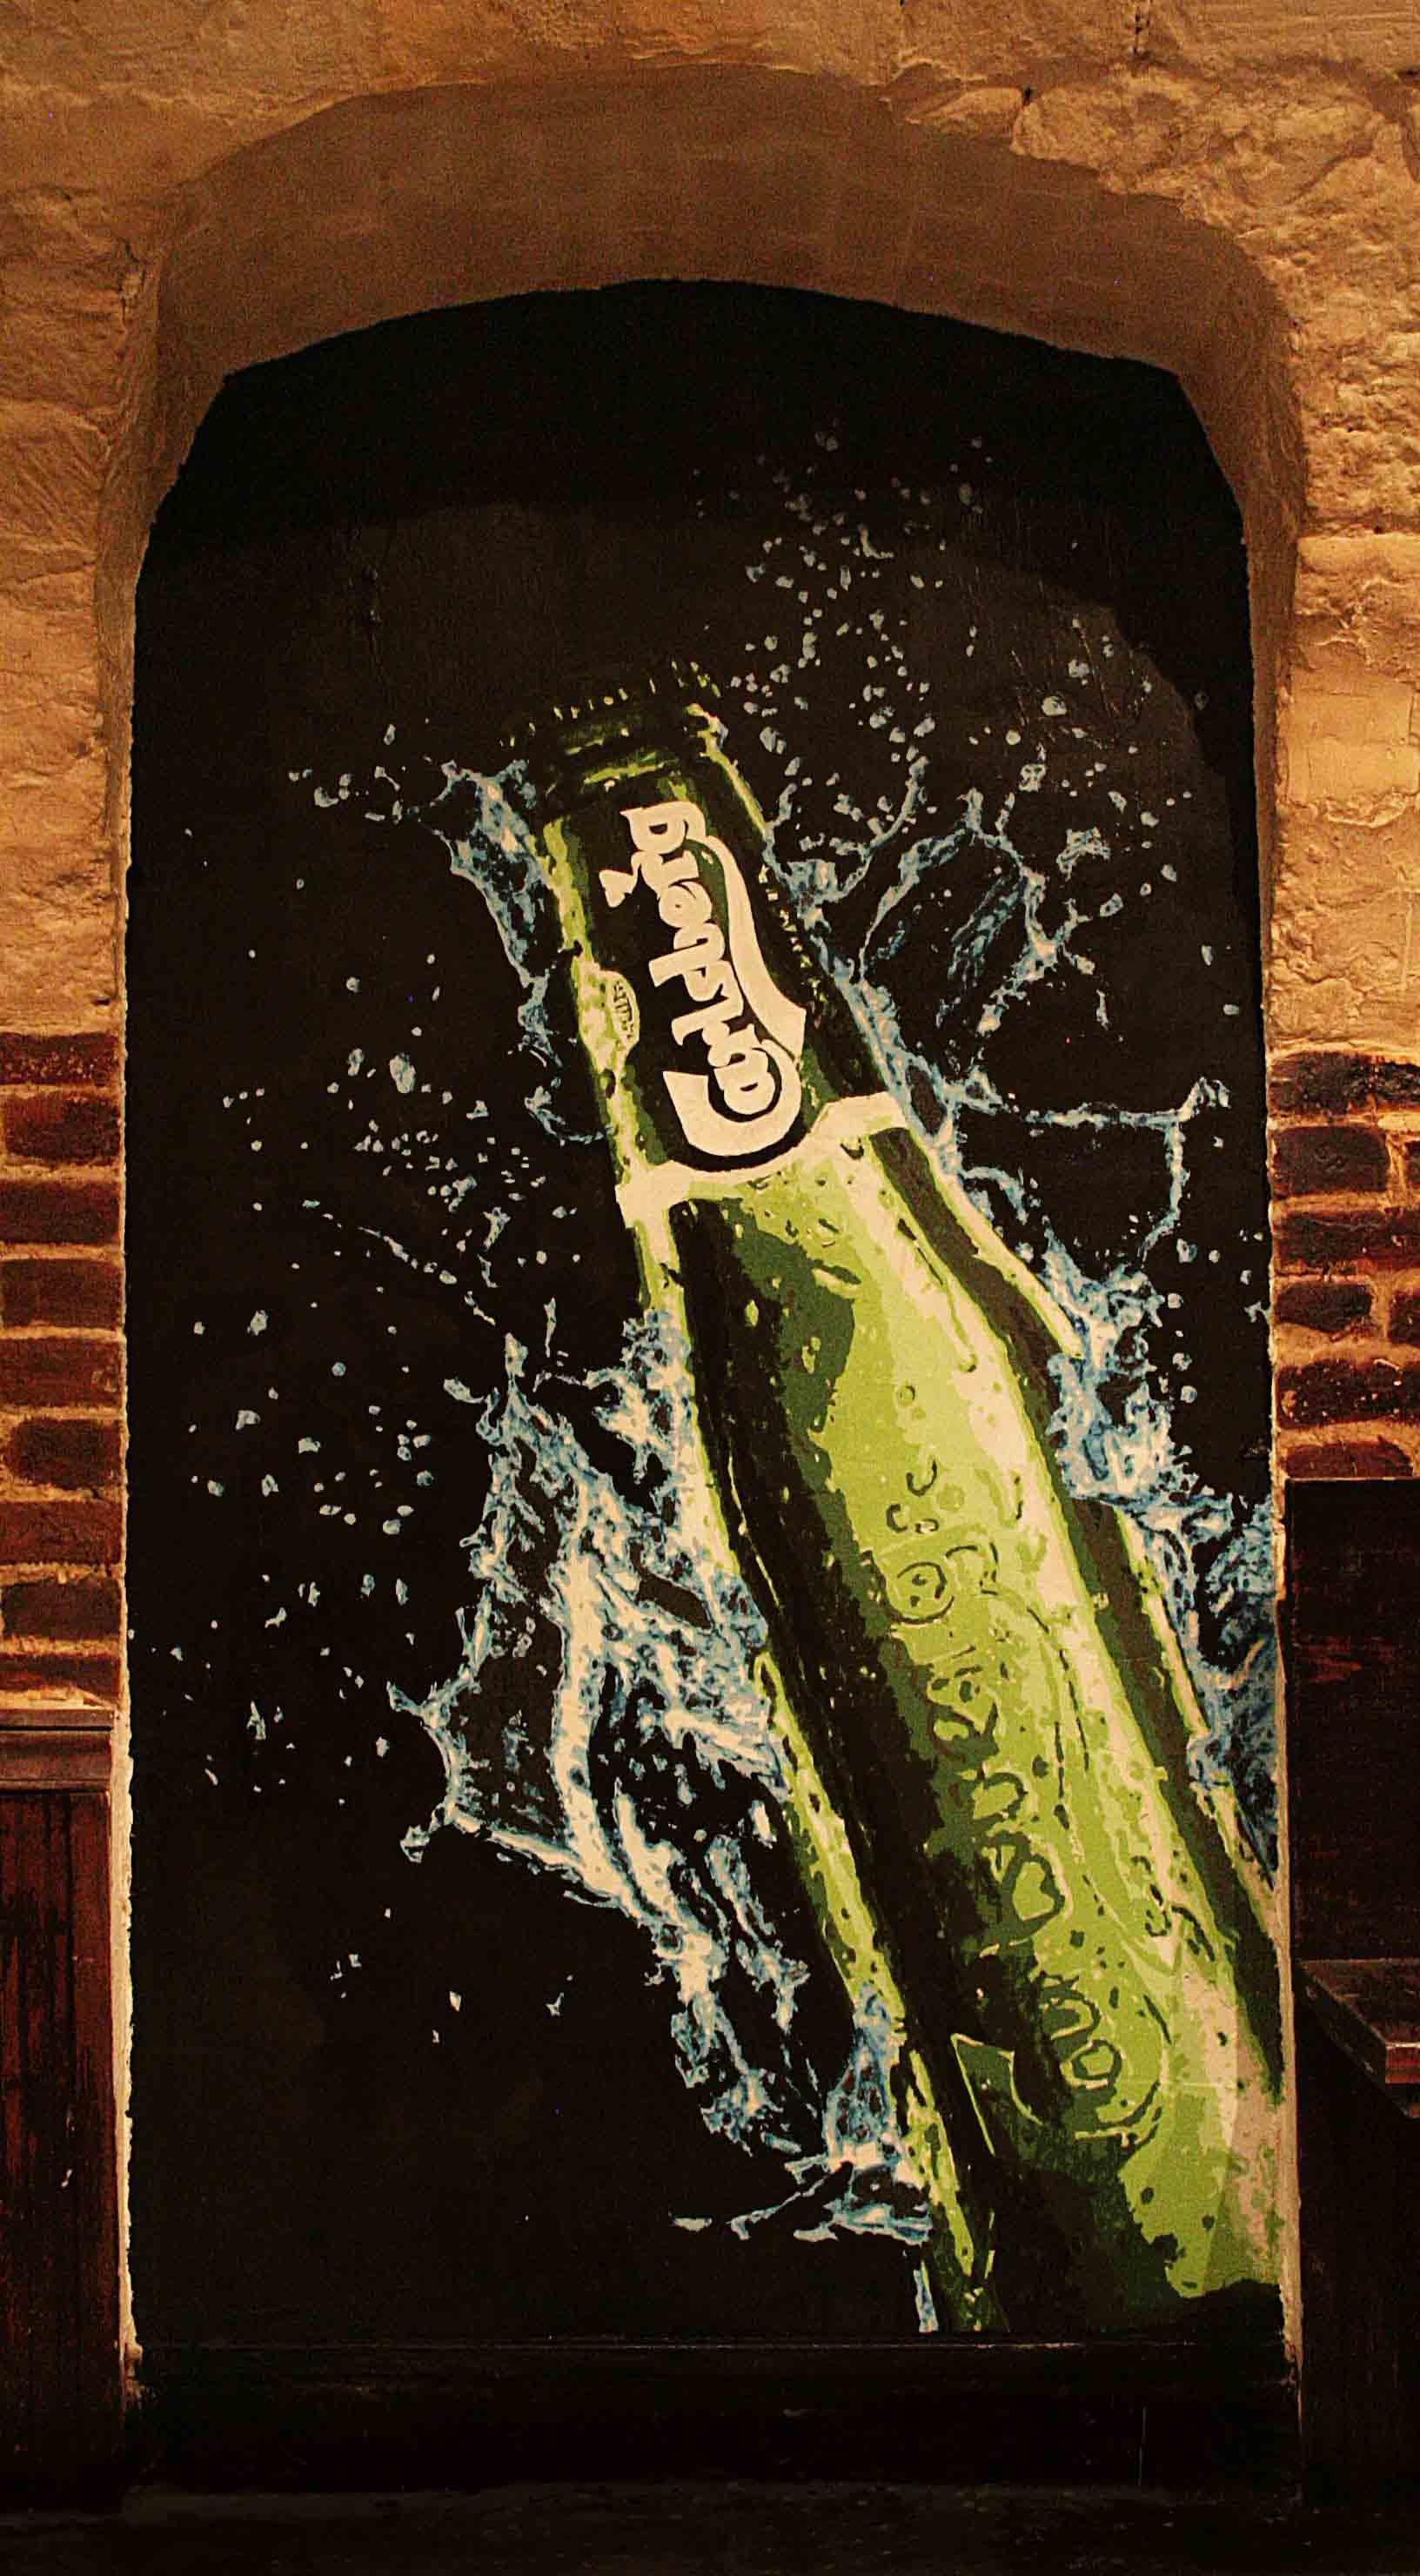 fresques du truskel microklub d'une bouteille de bière carlsberg